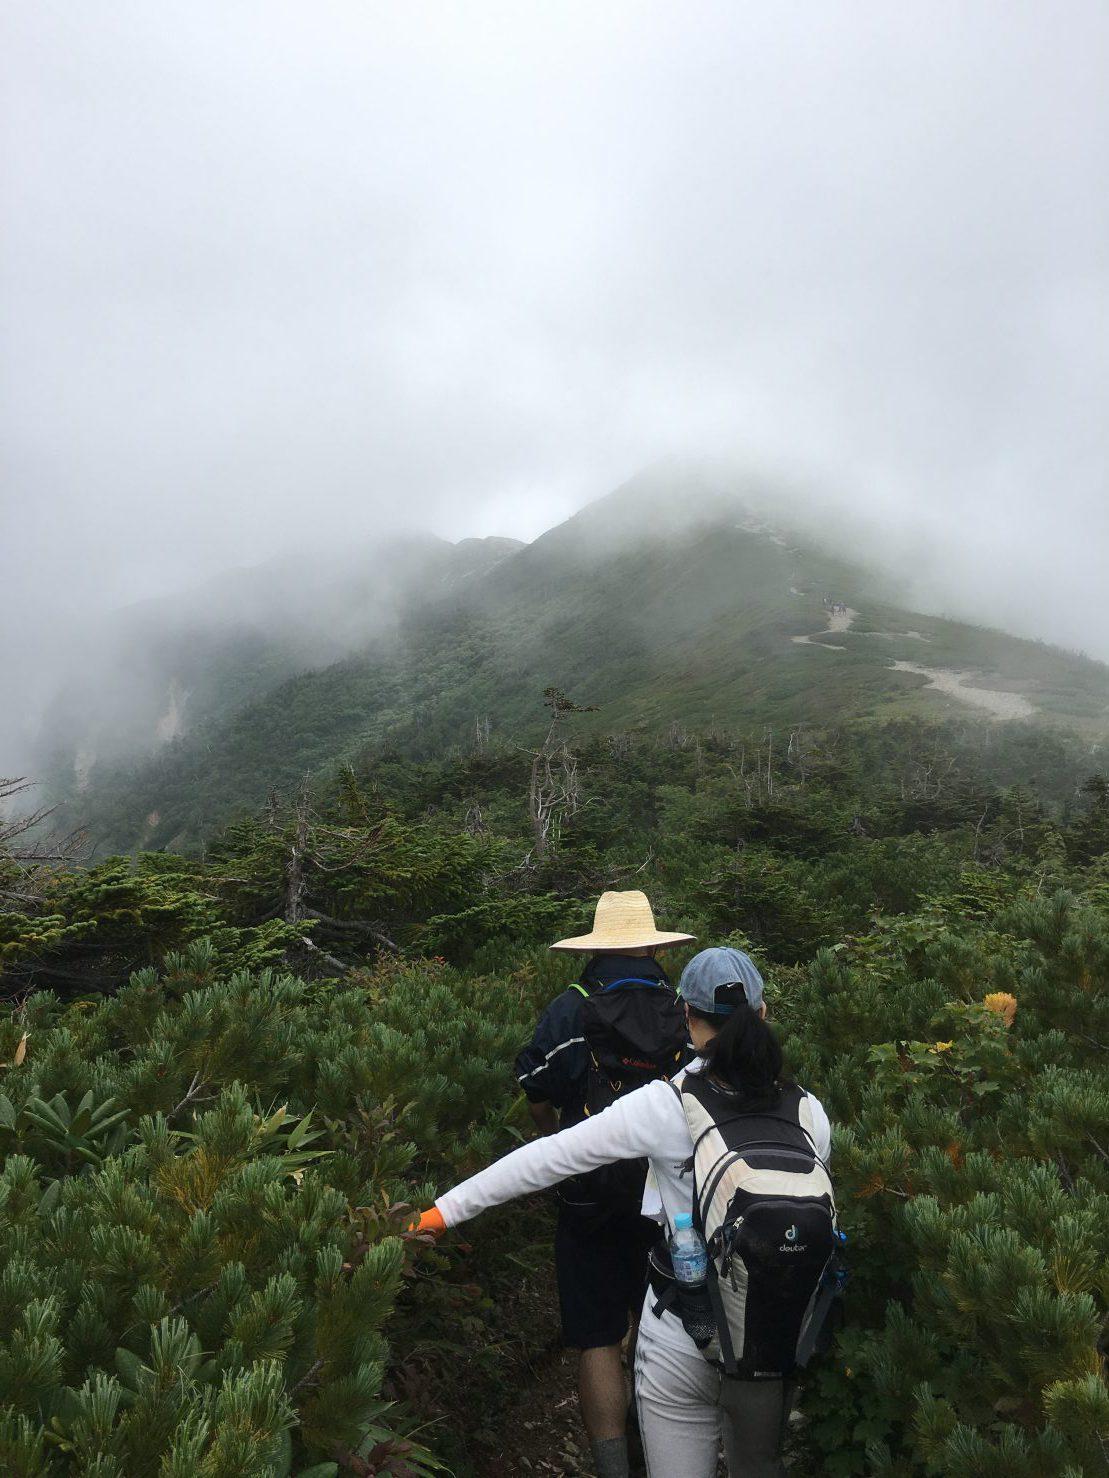 濃い霧の中、次第に頂上らしきものが